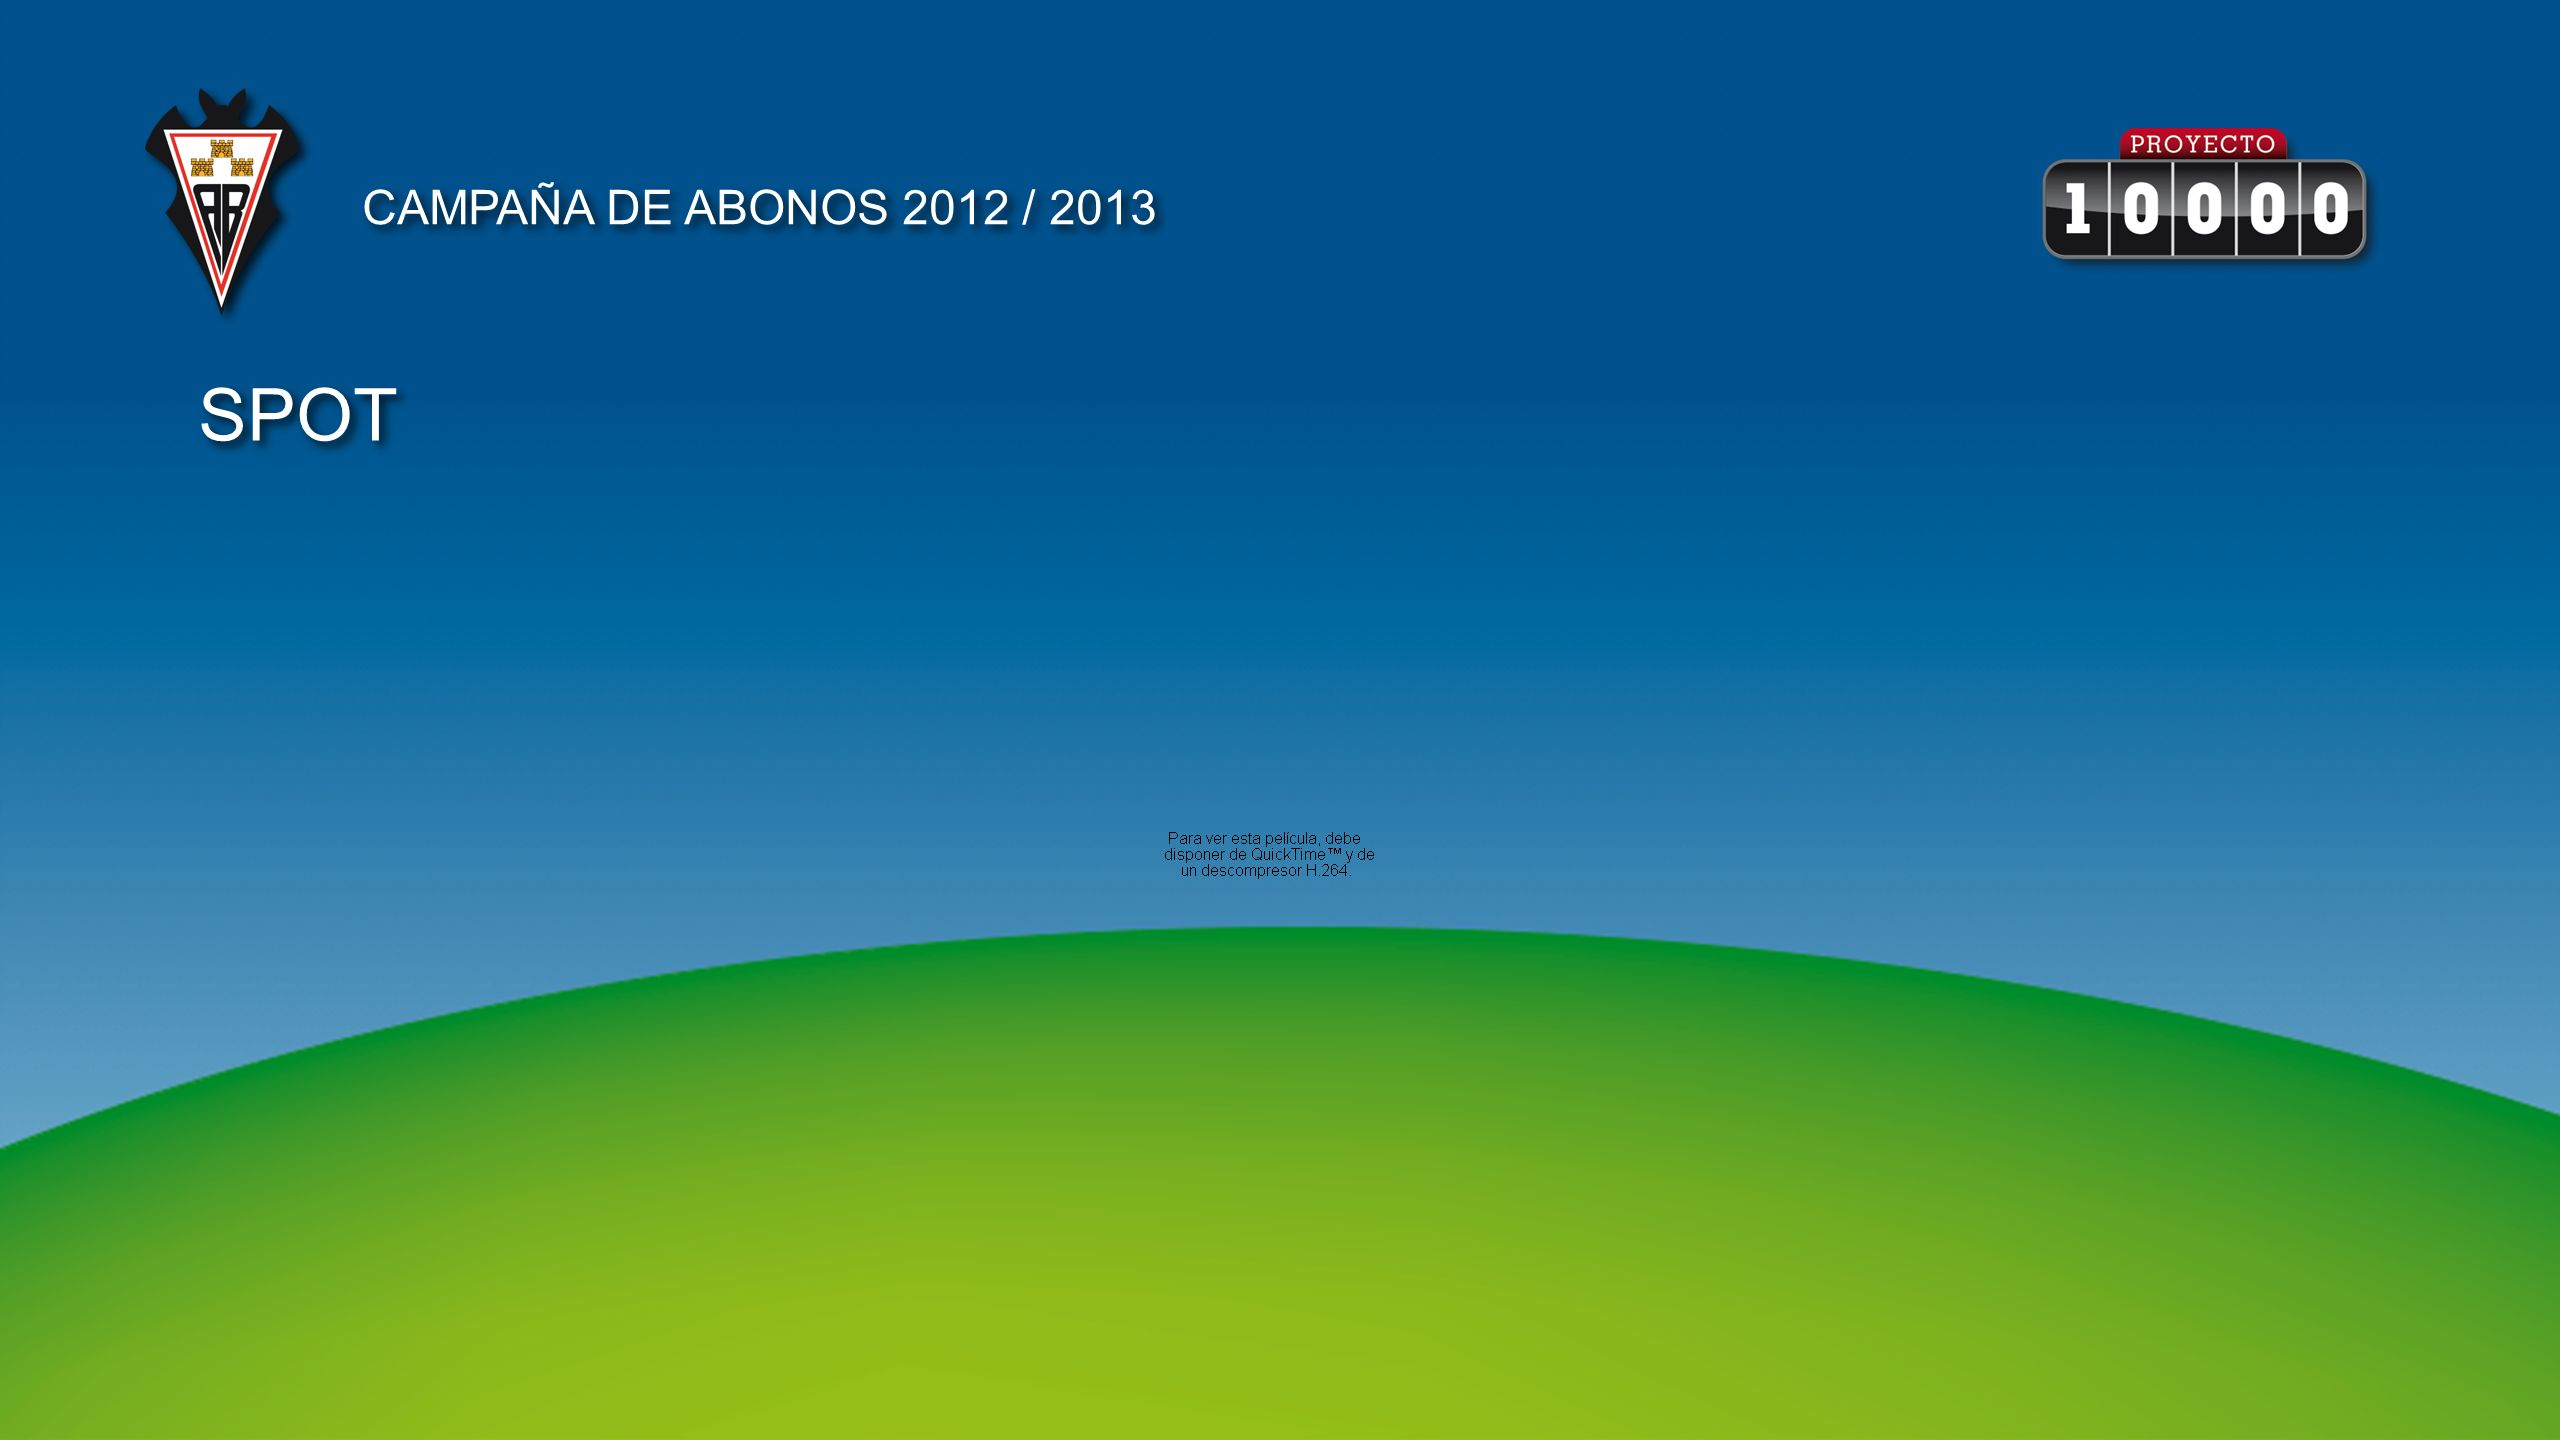 CAMPAÑA DE ABONOS 2012 / 2013 SPOT